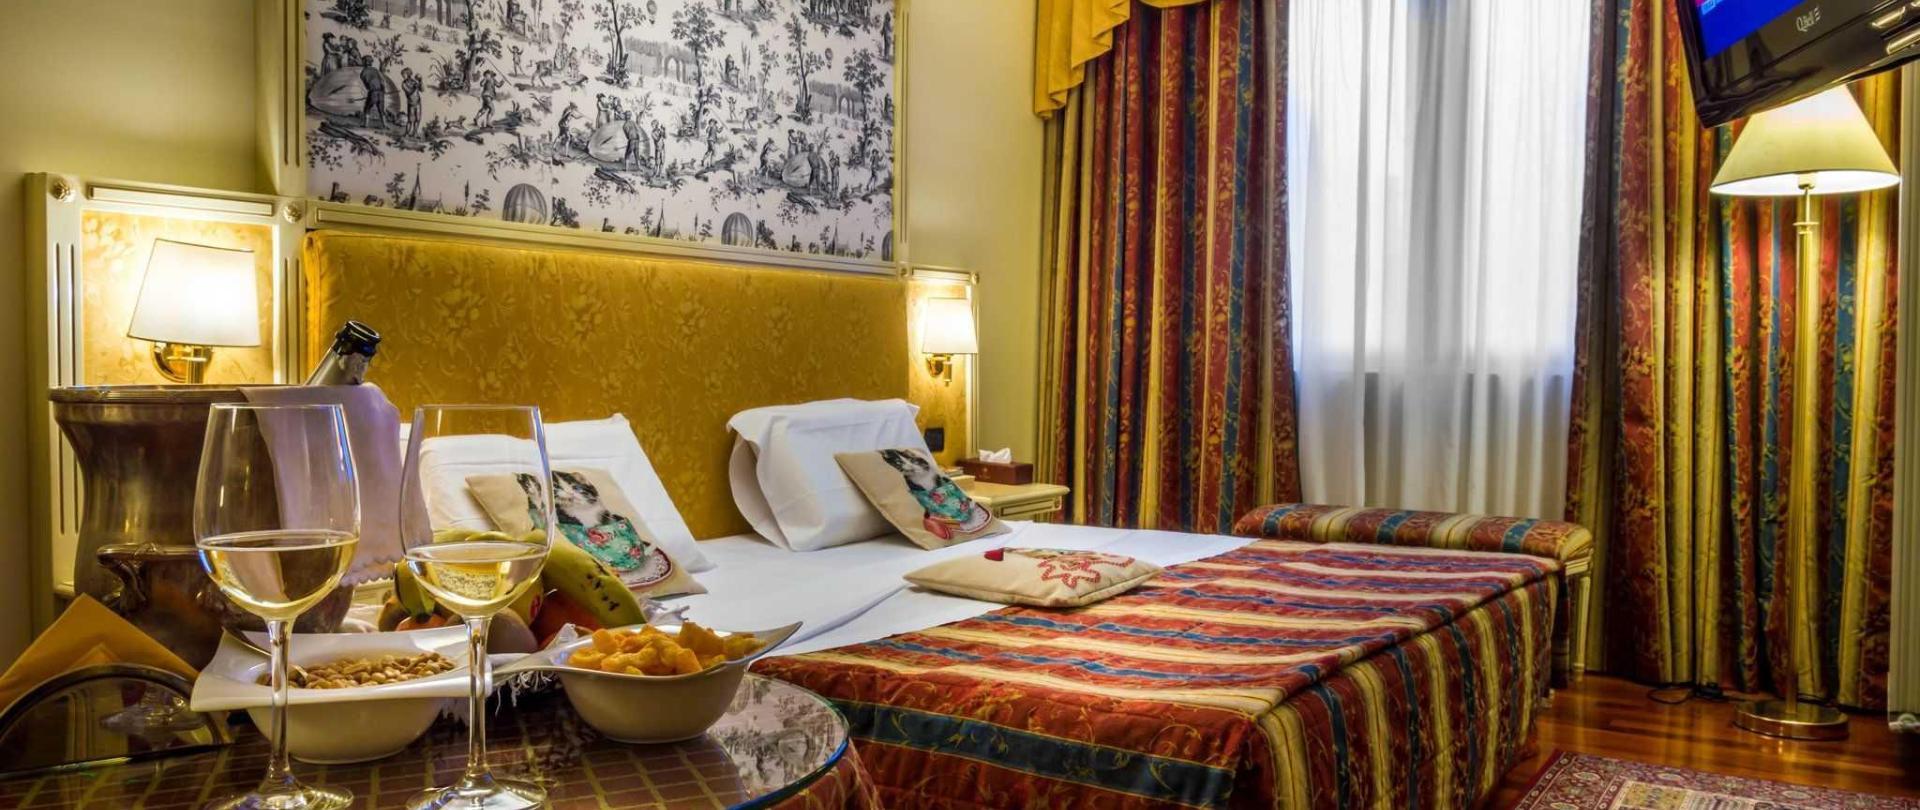 hotel-de-luxe.jpg